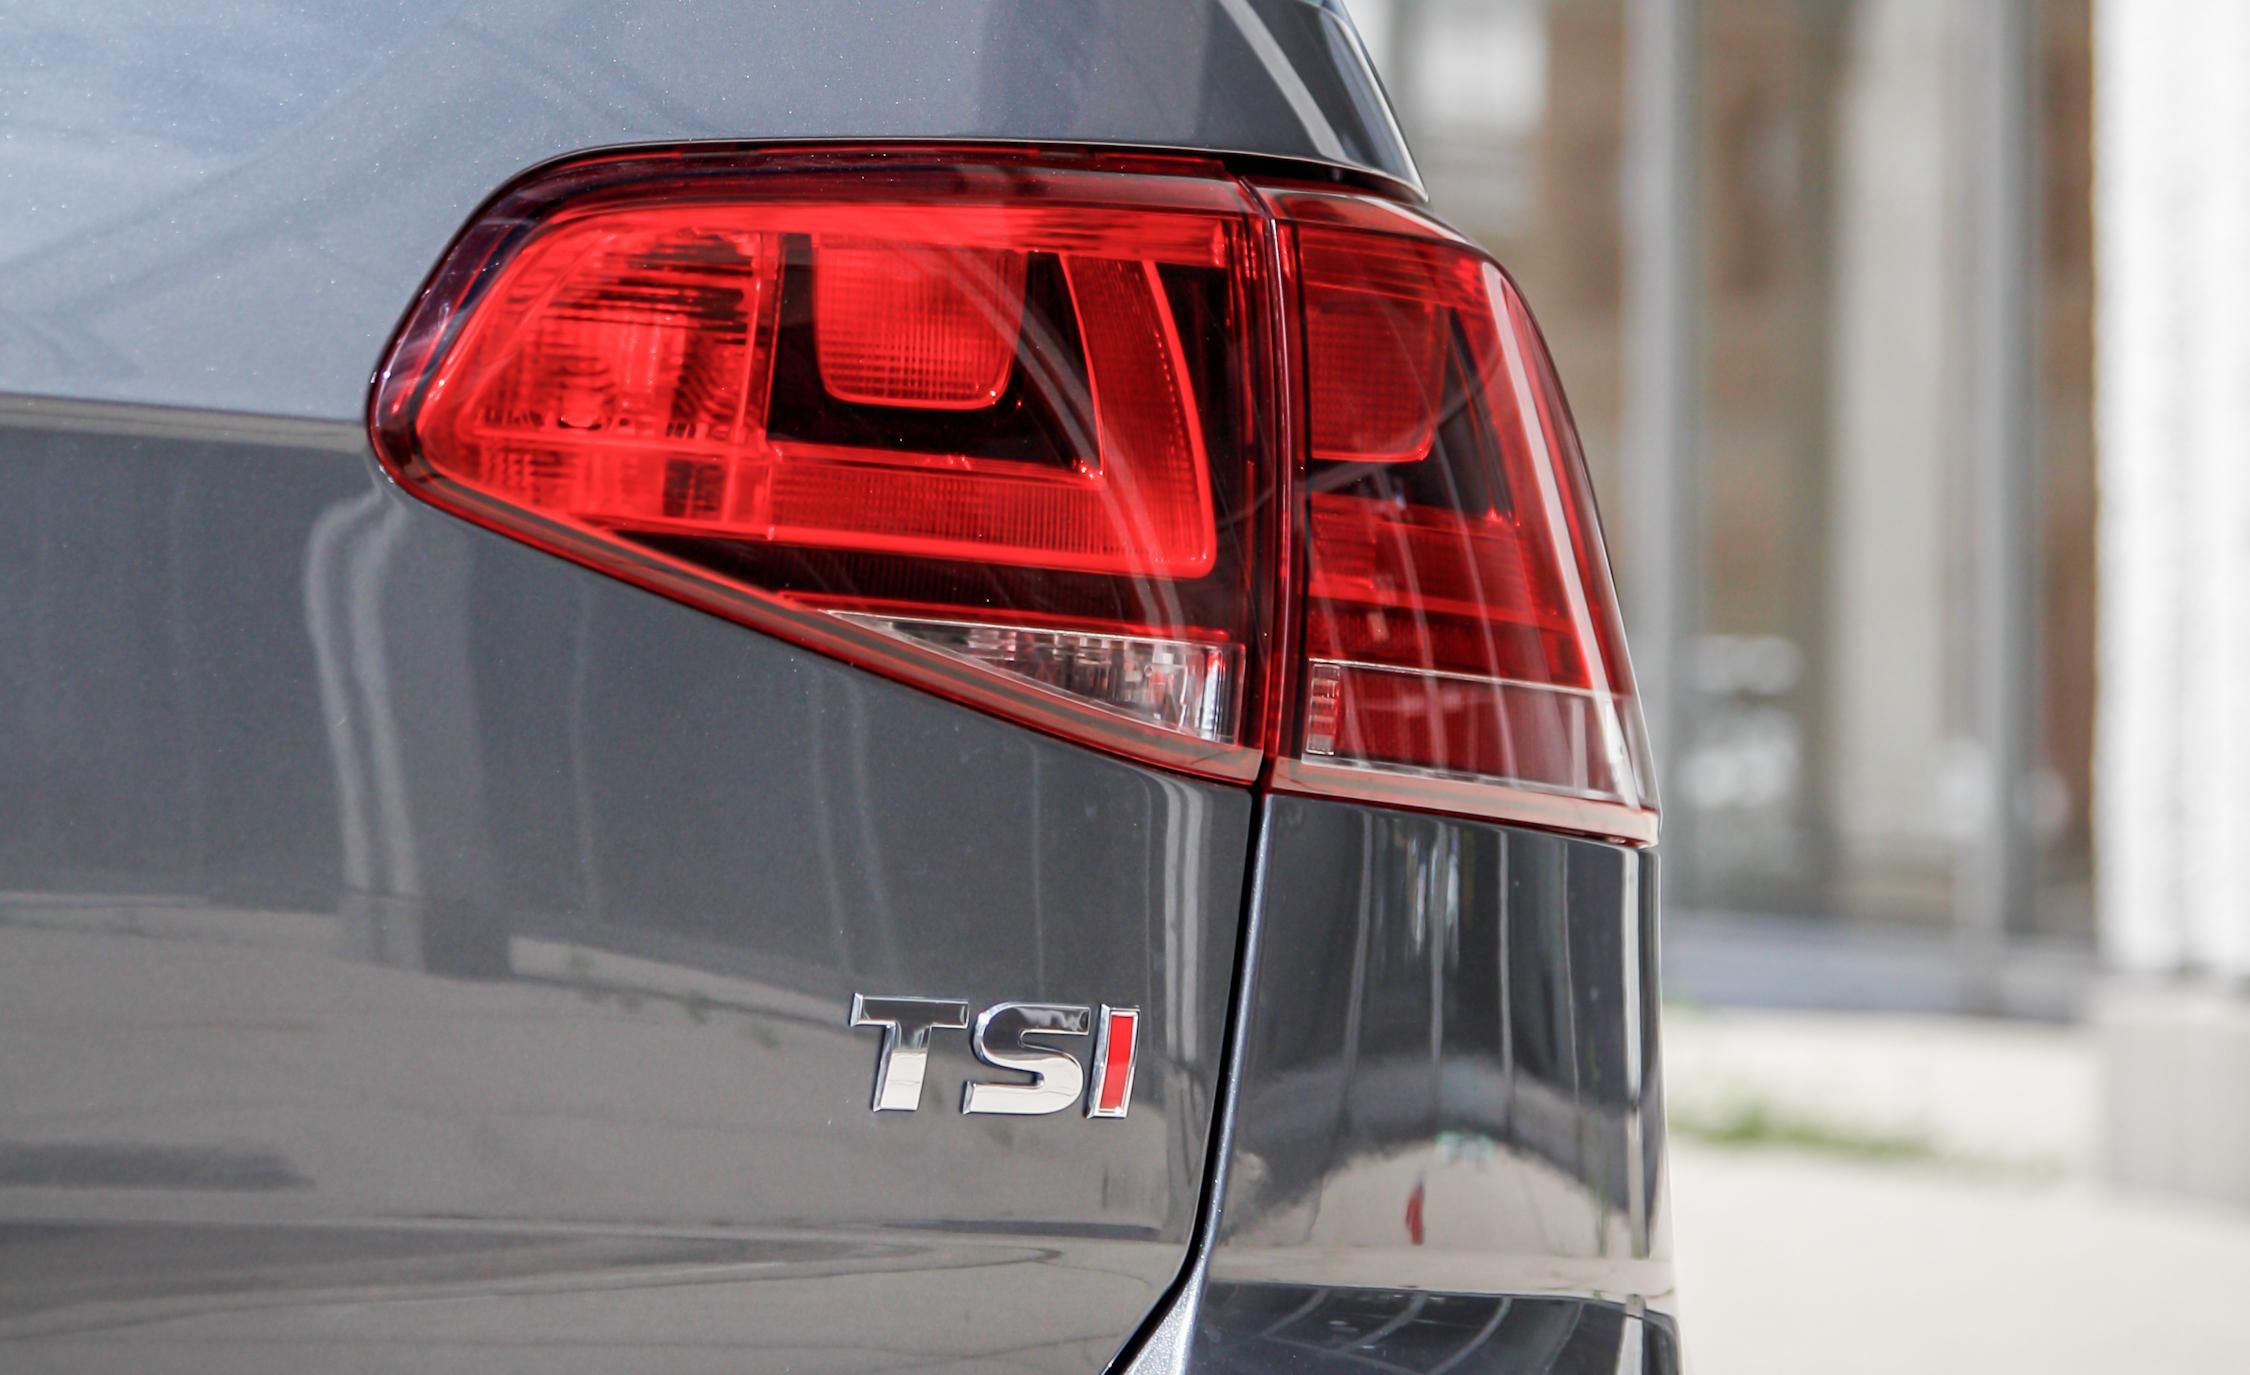 2015 Volkswagen Golf 1.8T TSI Exterior Taillight